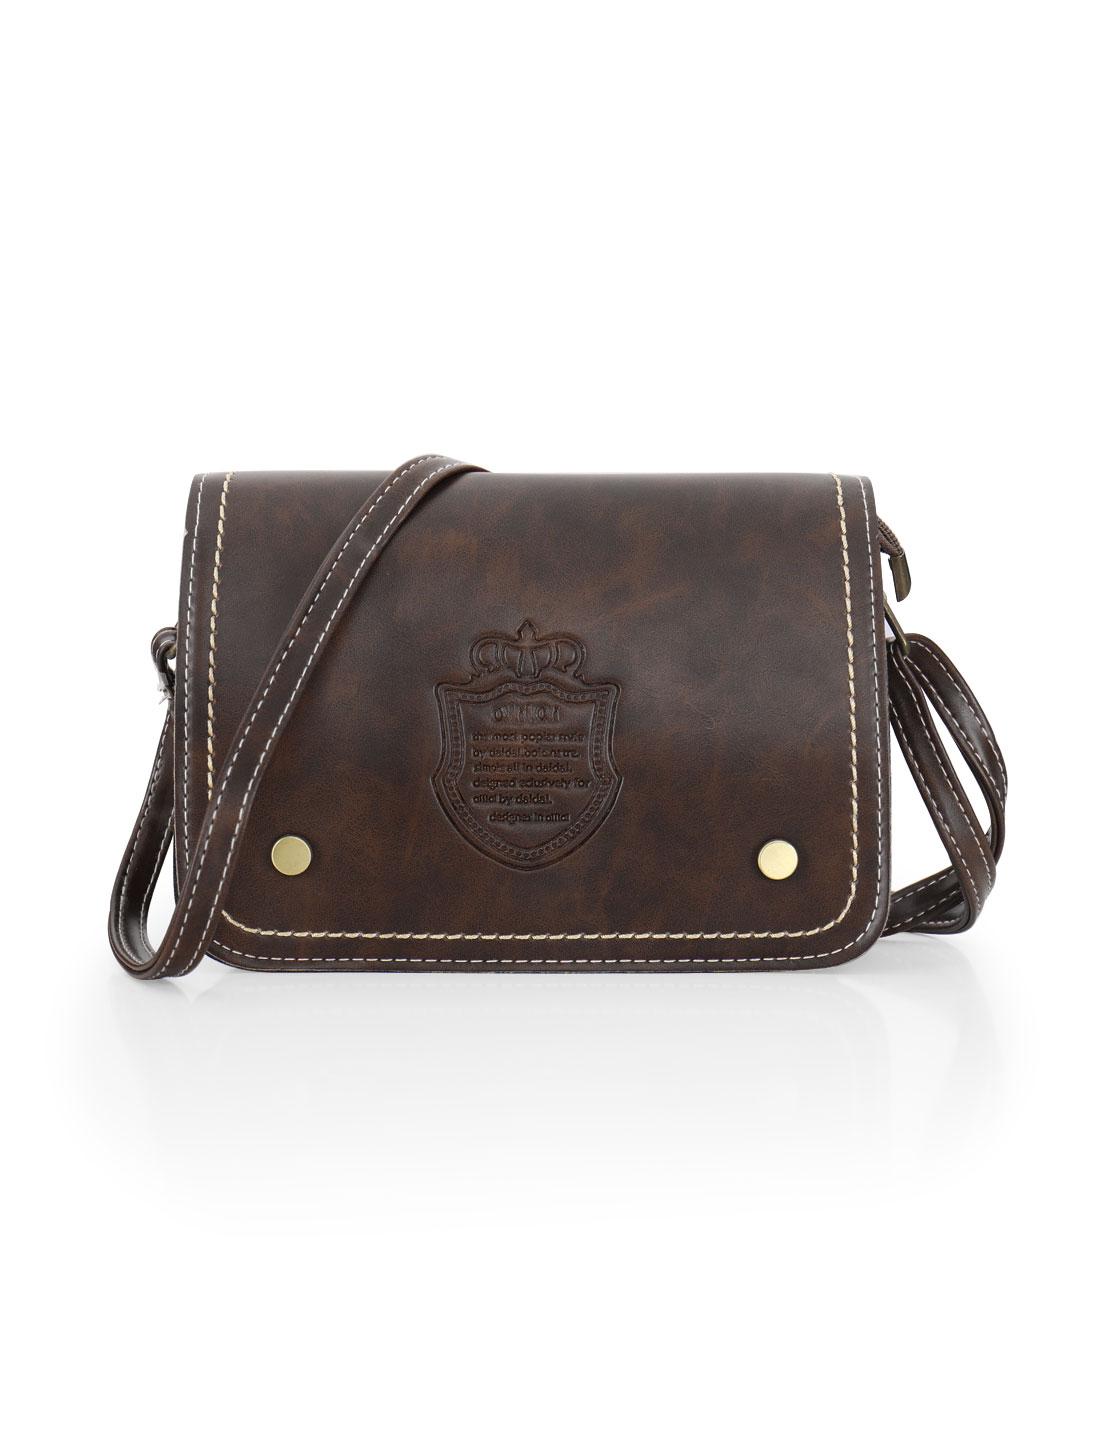 Women Letters Crown Embossed Magnetic Flap Closure Crossbody Bag Dark Brown